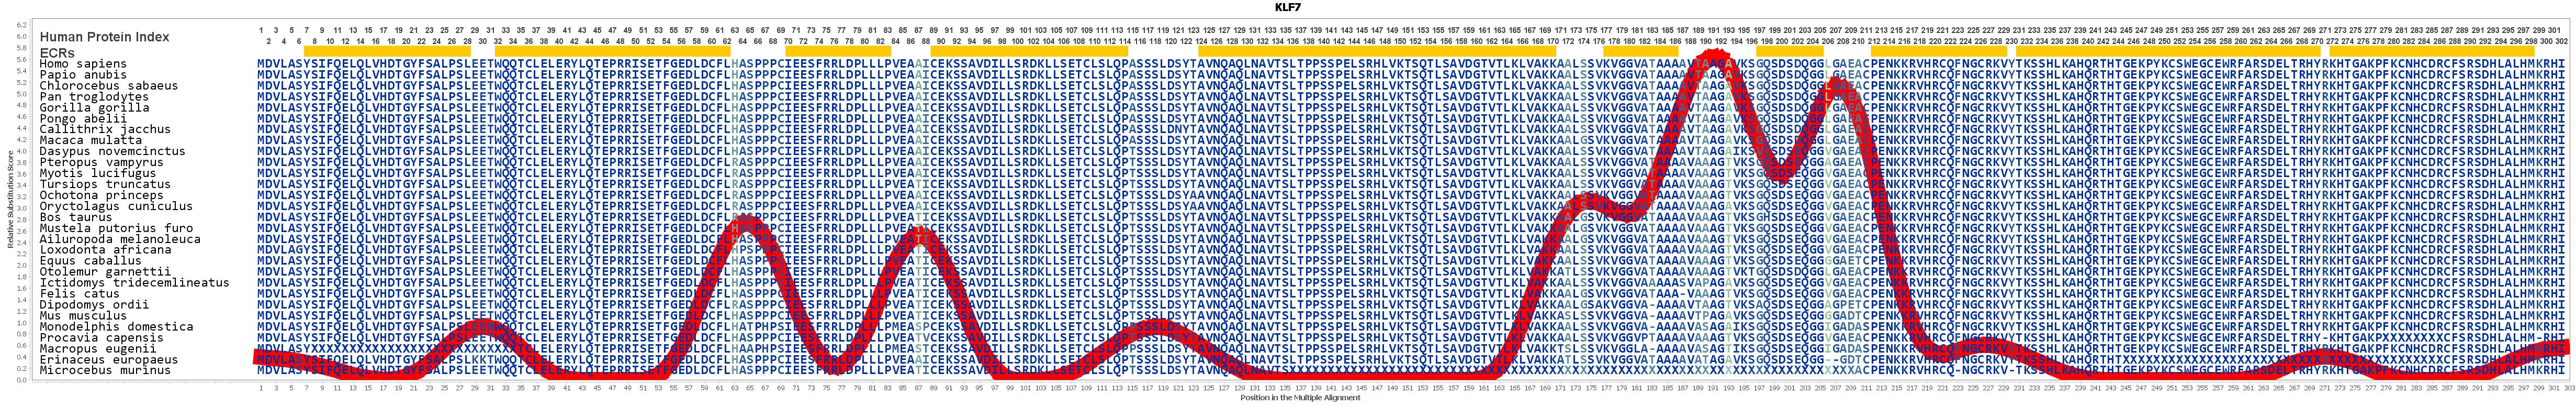 KLF7 Gene GeneCards KLF7 Protein